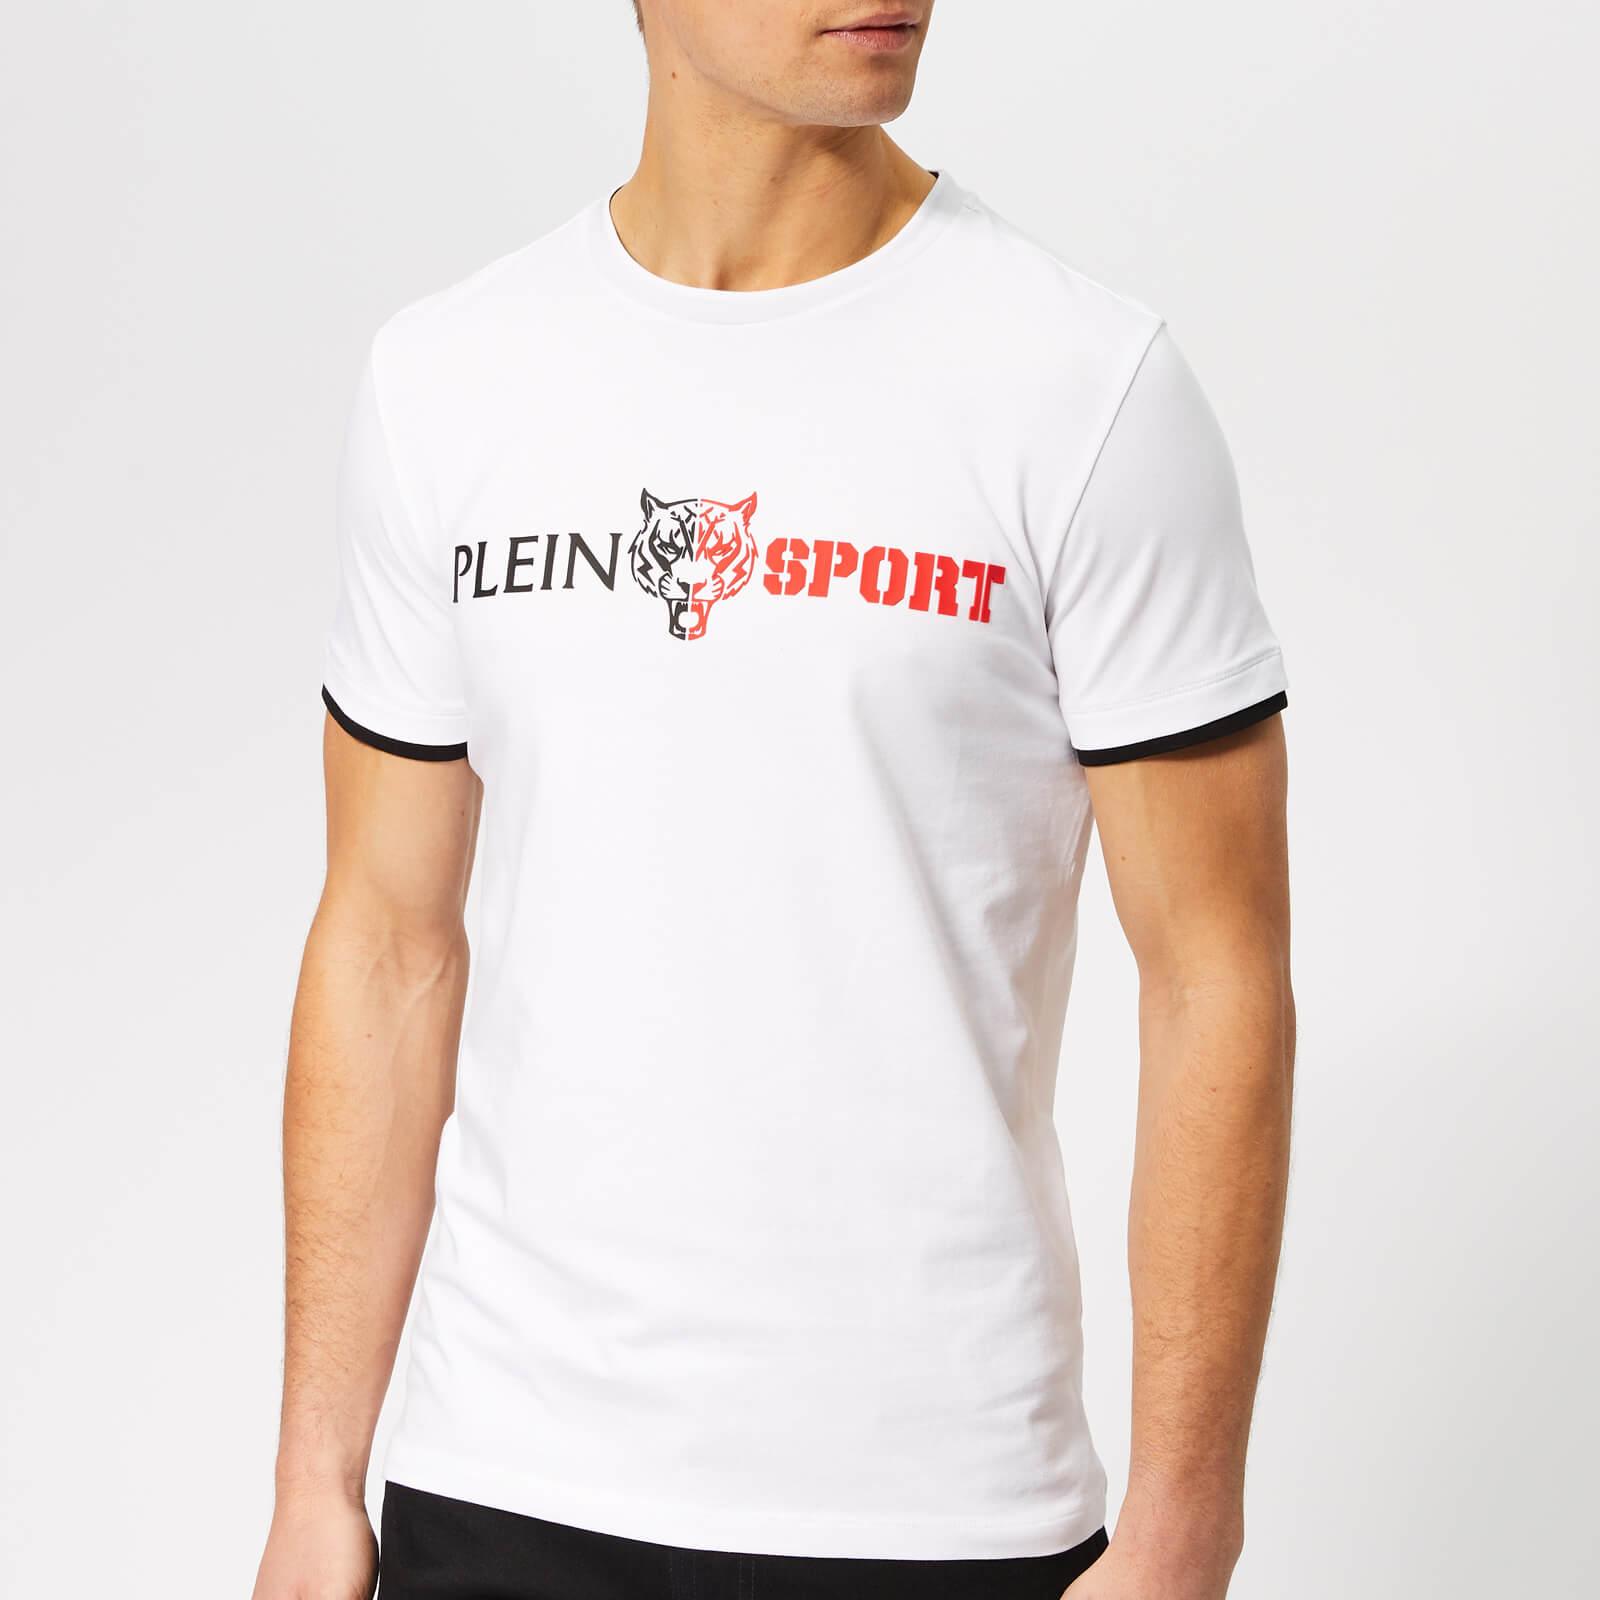 Plein Sport Men's Statement Round Neck T-Shirt - White/Black - L - White/Black